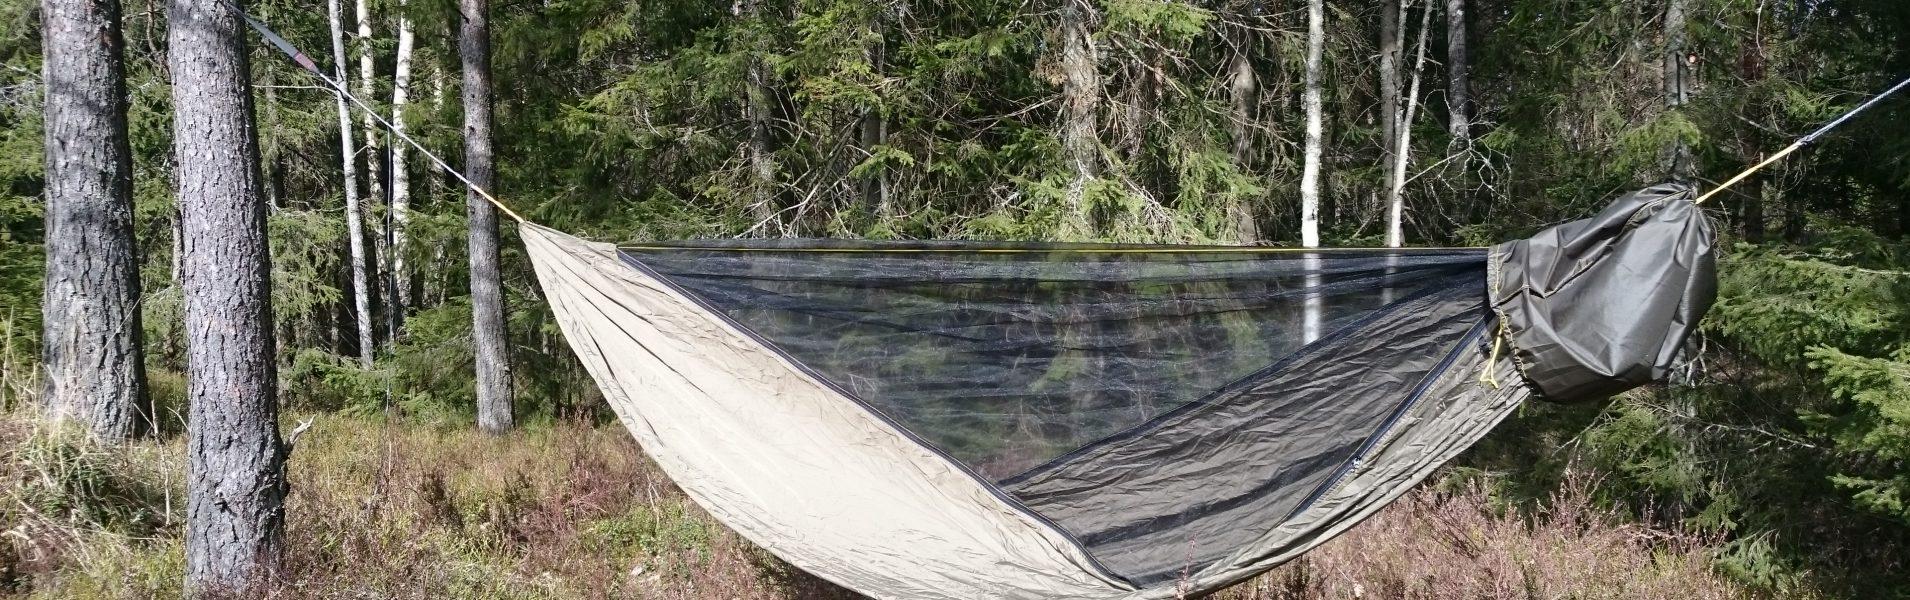 Hengekøye med avtagbart myggnett – fjerde og siste kapittel